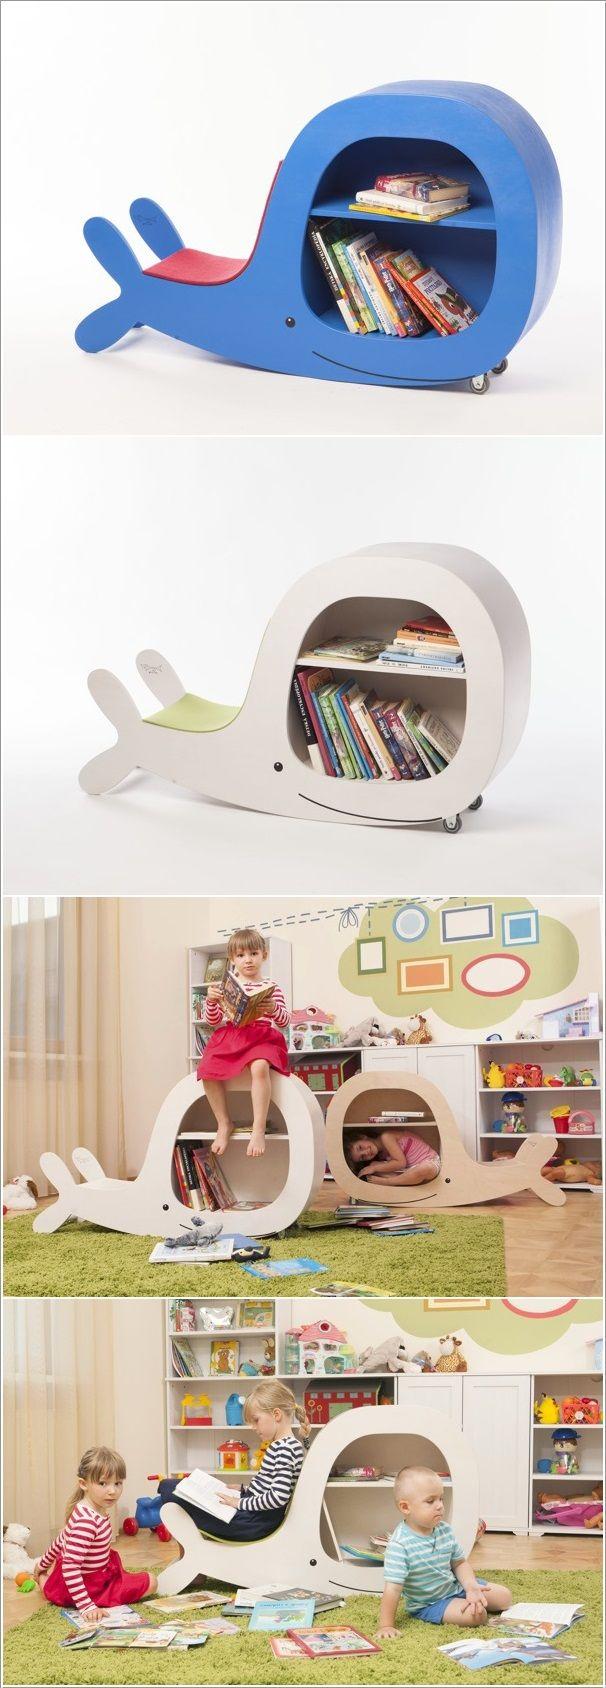 Whale Bookshelves for the kids' room